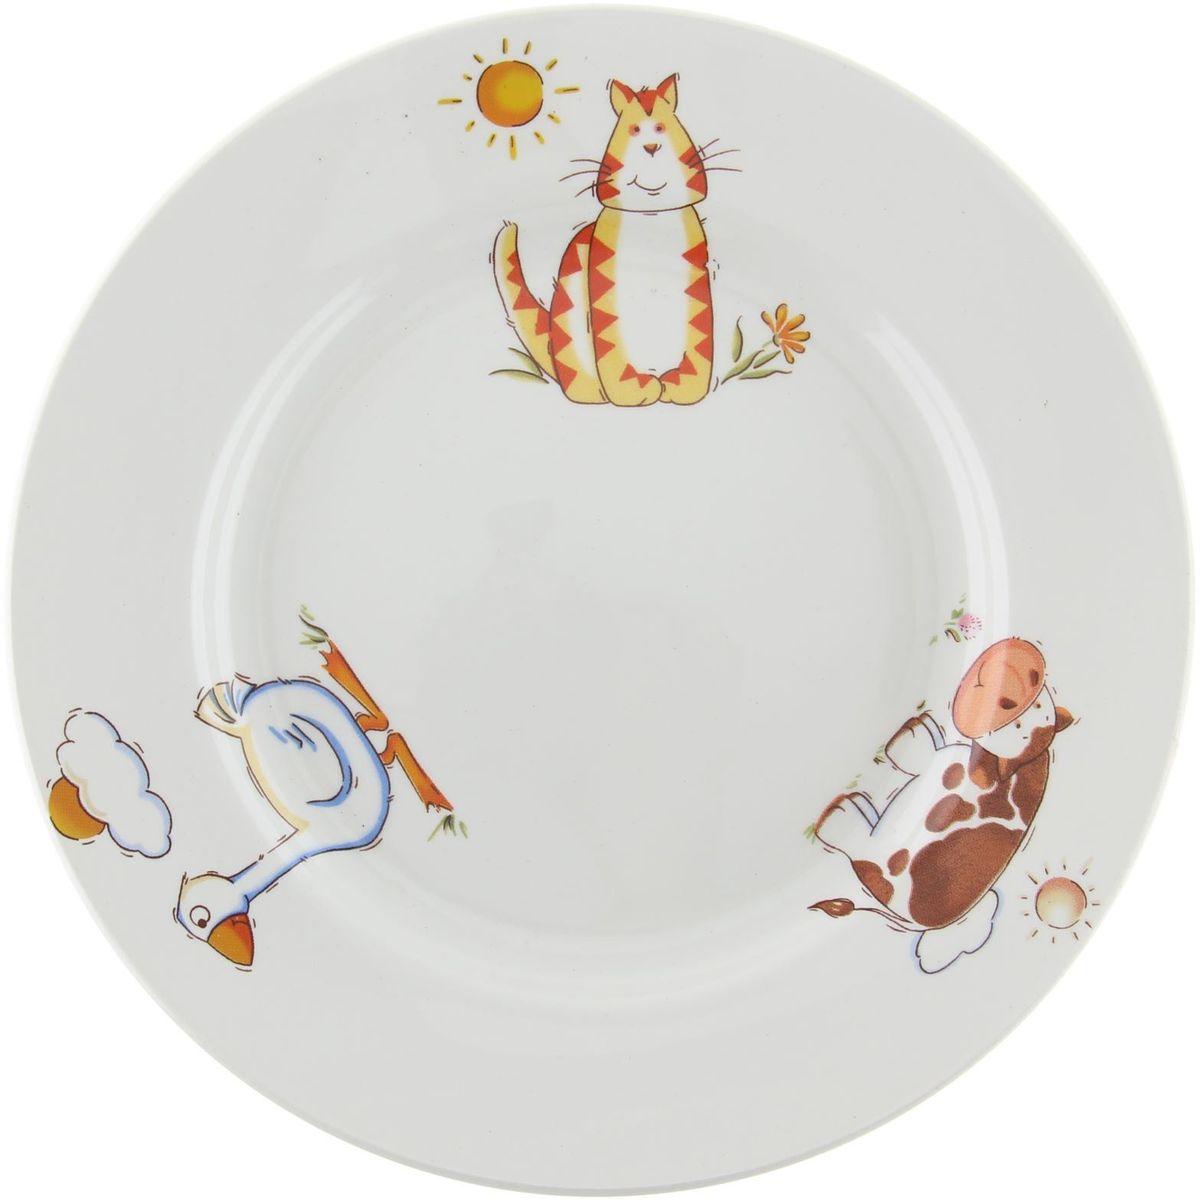 Кубаньфарфор Тарелка детская Зоопарк 13013751301375Фаянсовая детская посуда с забавным рисунком понравится каждому малышу. Изделие из качественного материала станет правильным выбором для повседневной эксплуатации и поможет превратить каждый прием пищи в радостное приключение. Особенности: - простота мойки, - стойкость к запахам, - насыщенный цвет.